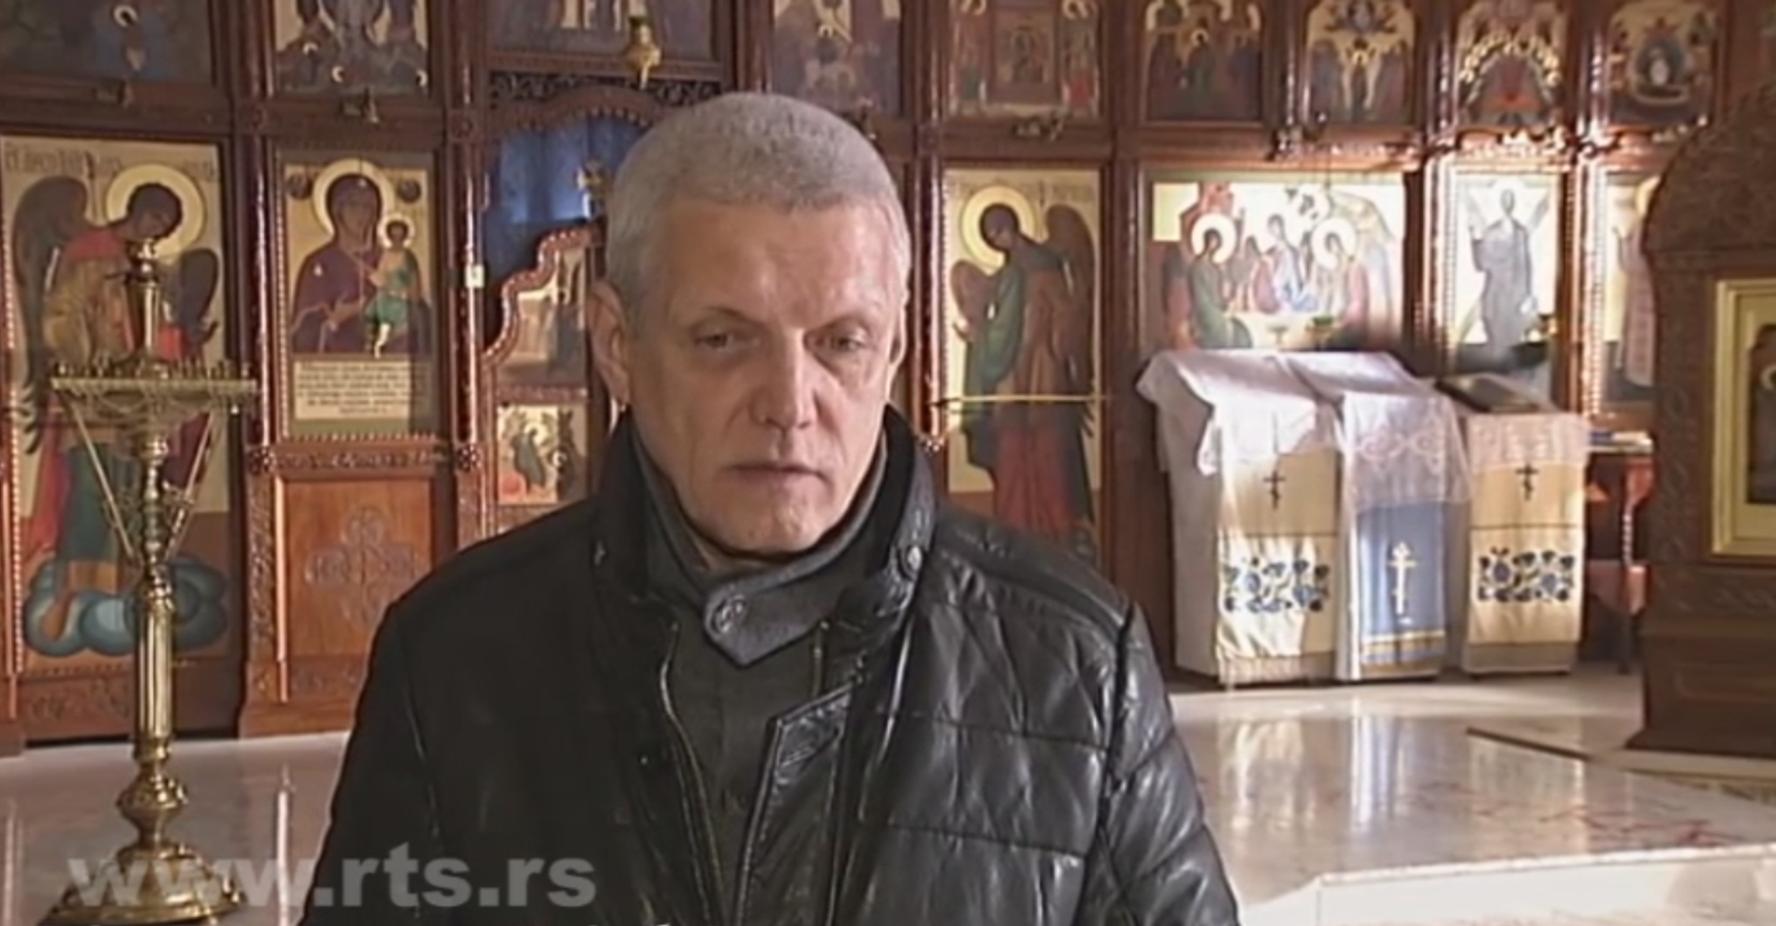 ИСПОВЕСТ ЧУВЕНОГ РУСКОГ ГЛУМЦА: Молили смо се српском свецу ...